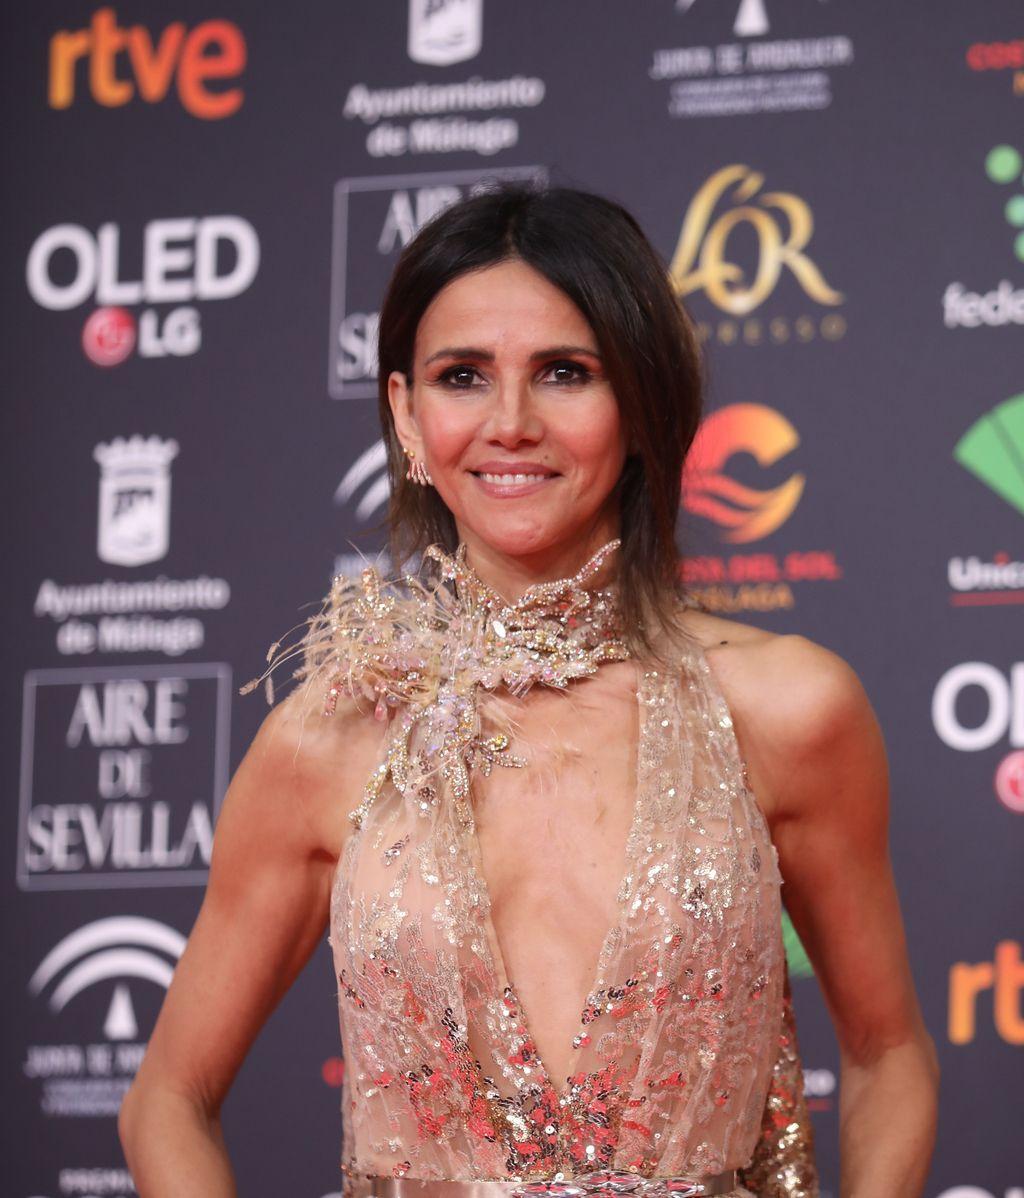 Goya Toledo en la alfombra roja de los Premios Goya 2020